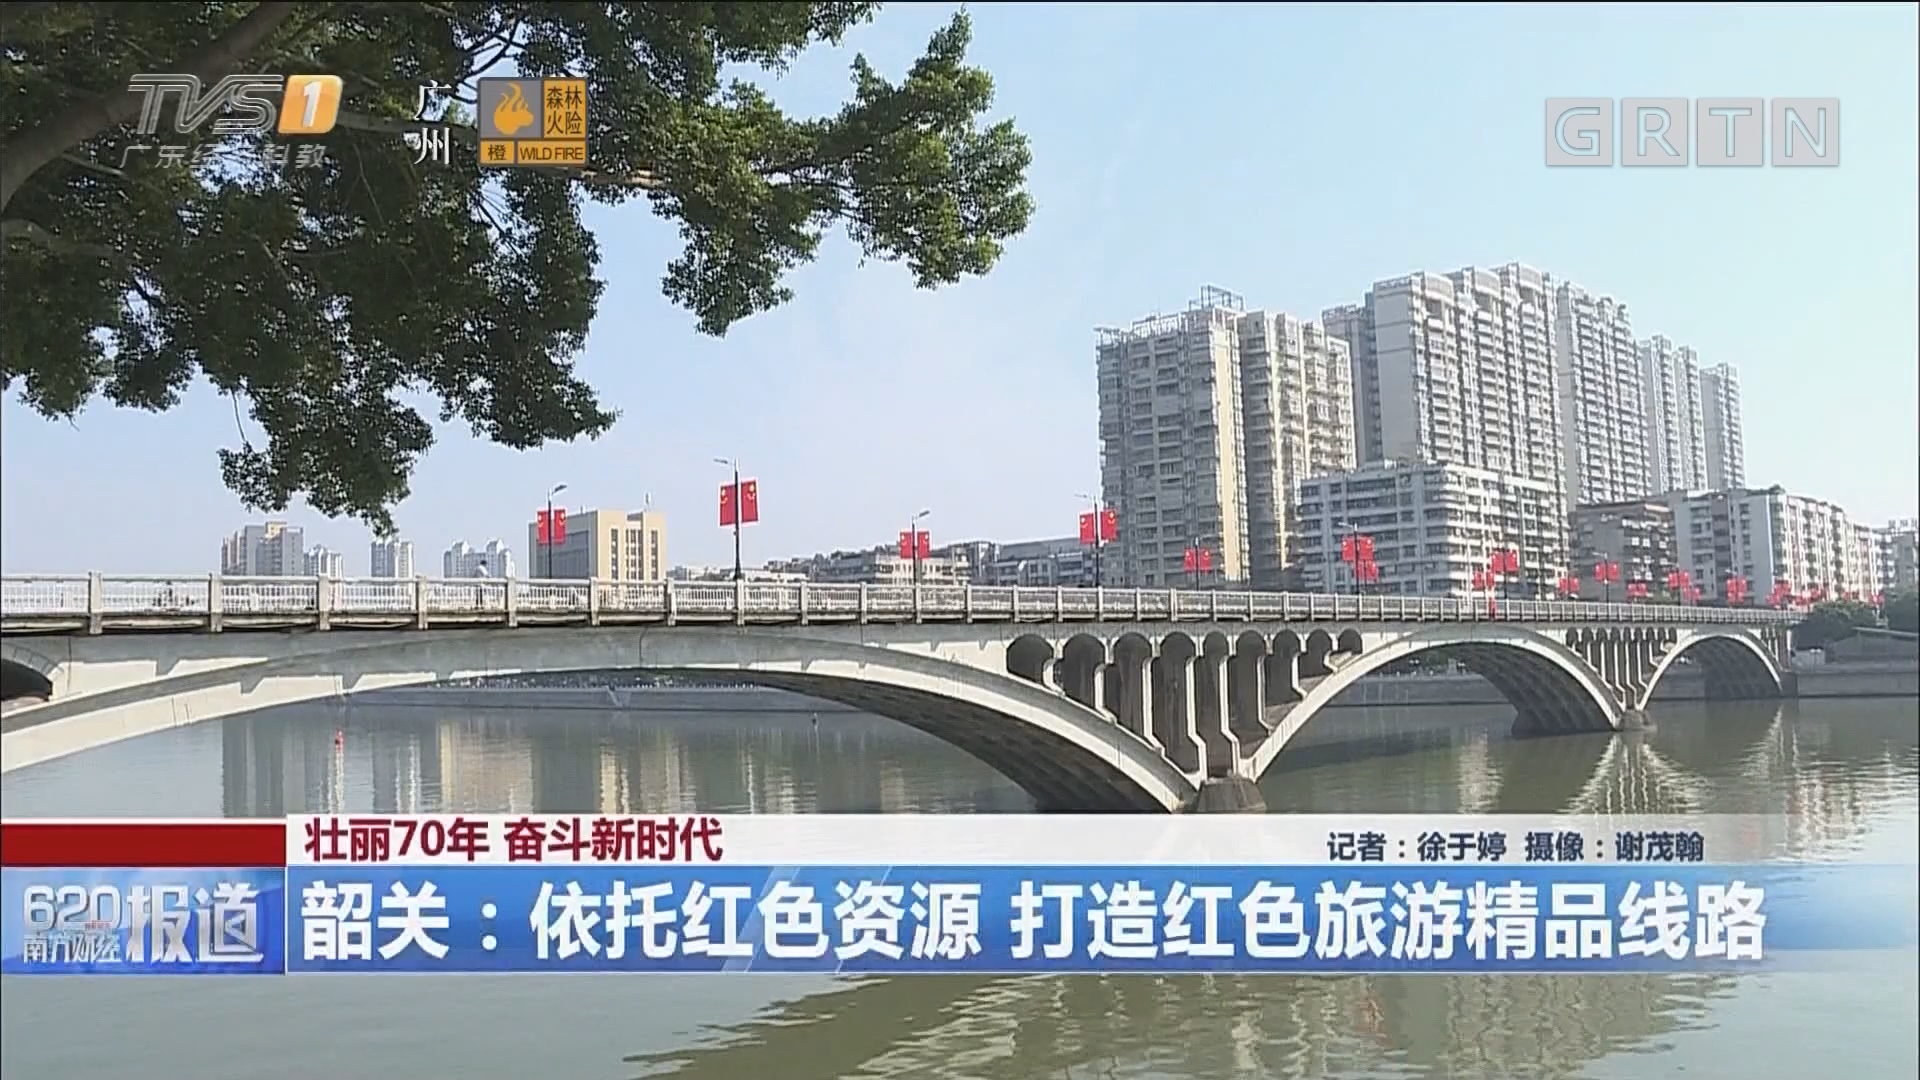 壮丽70年 奋斗新时代 韶关:依托红色资源 打造红色旅游精品线路